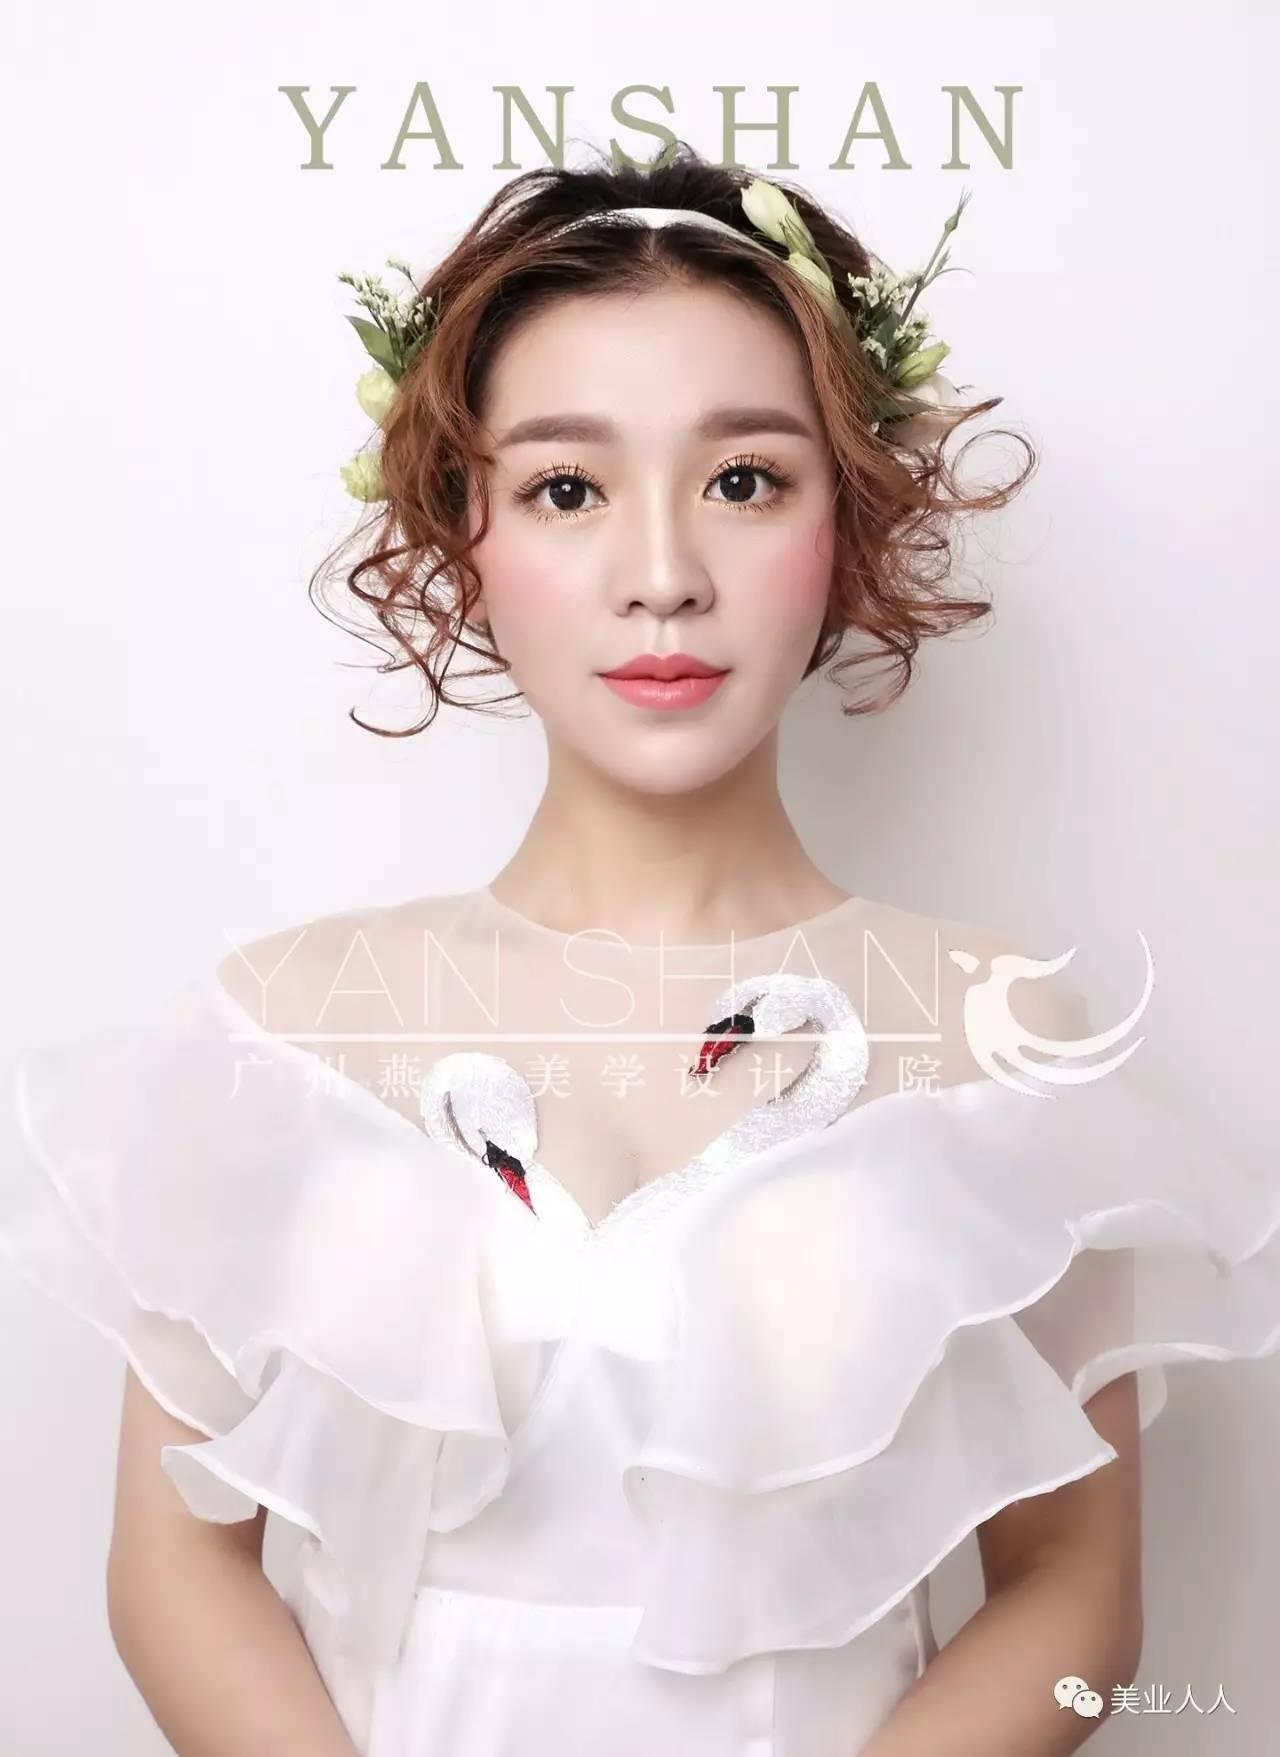 7月26日晚8点 ▽ 课程主题 两款韩式短发新娘快速变换造型(不含妆面)图片